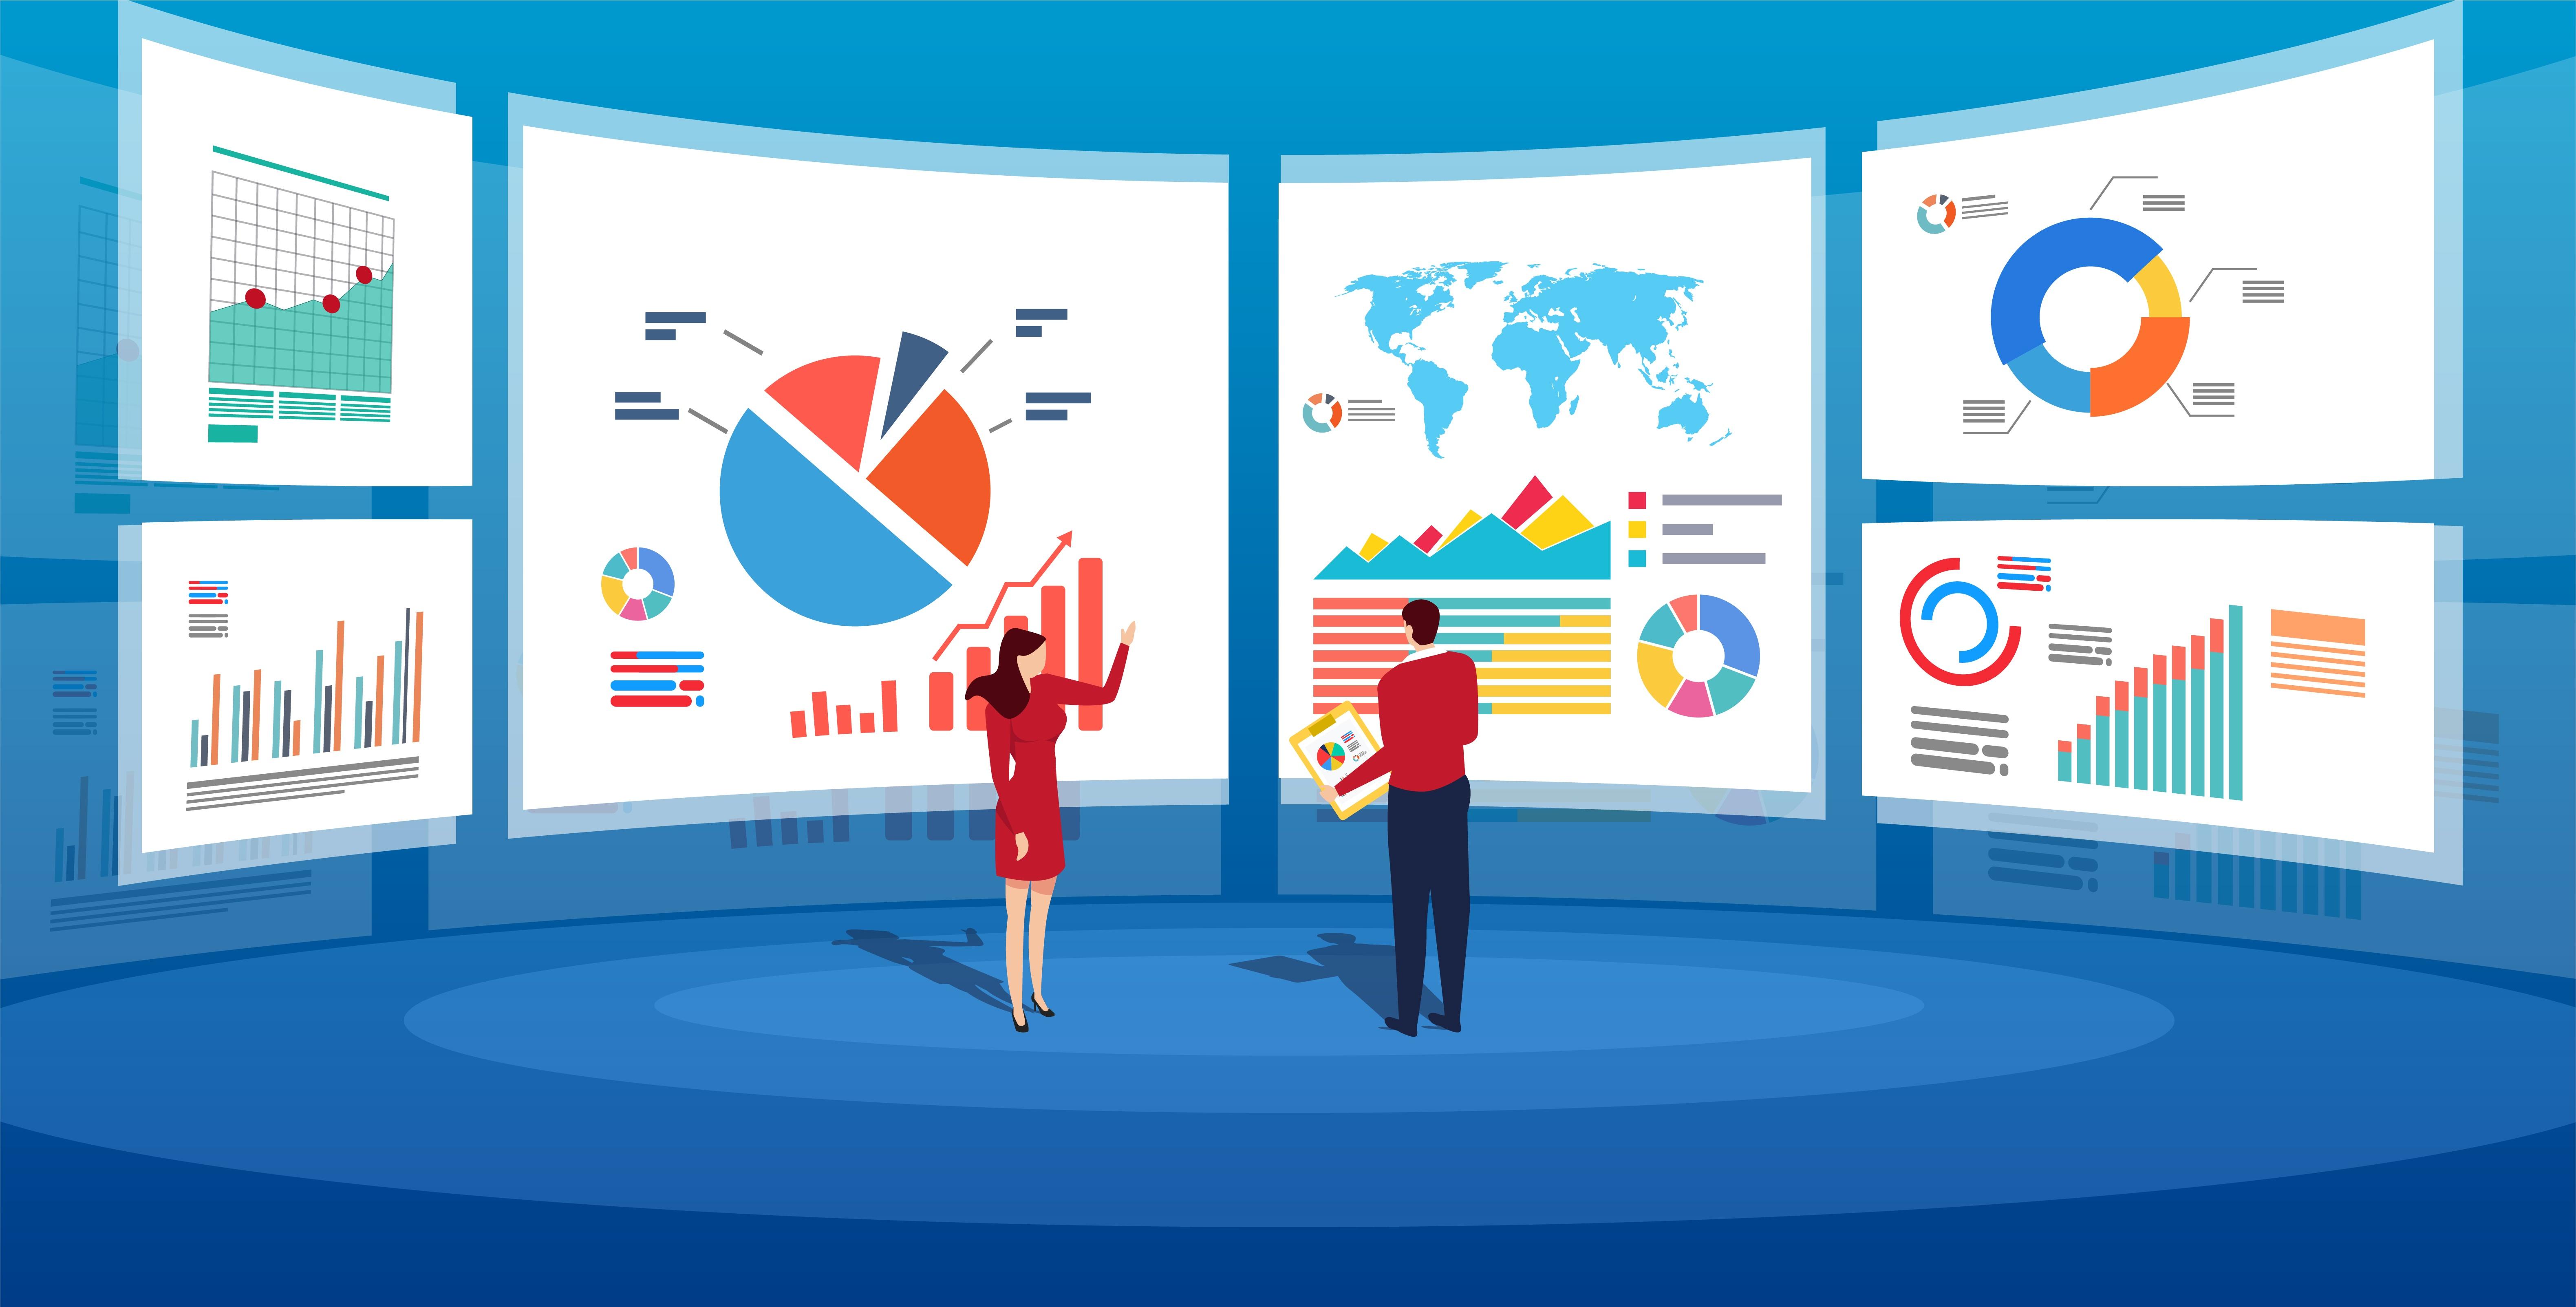 analisis de datos para conversiones estandar y eventos personalizados